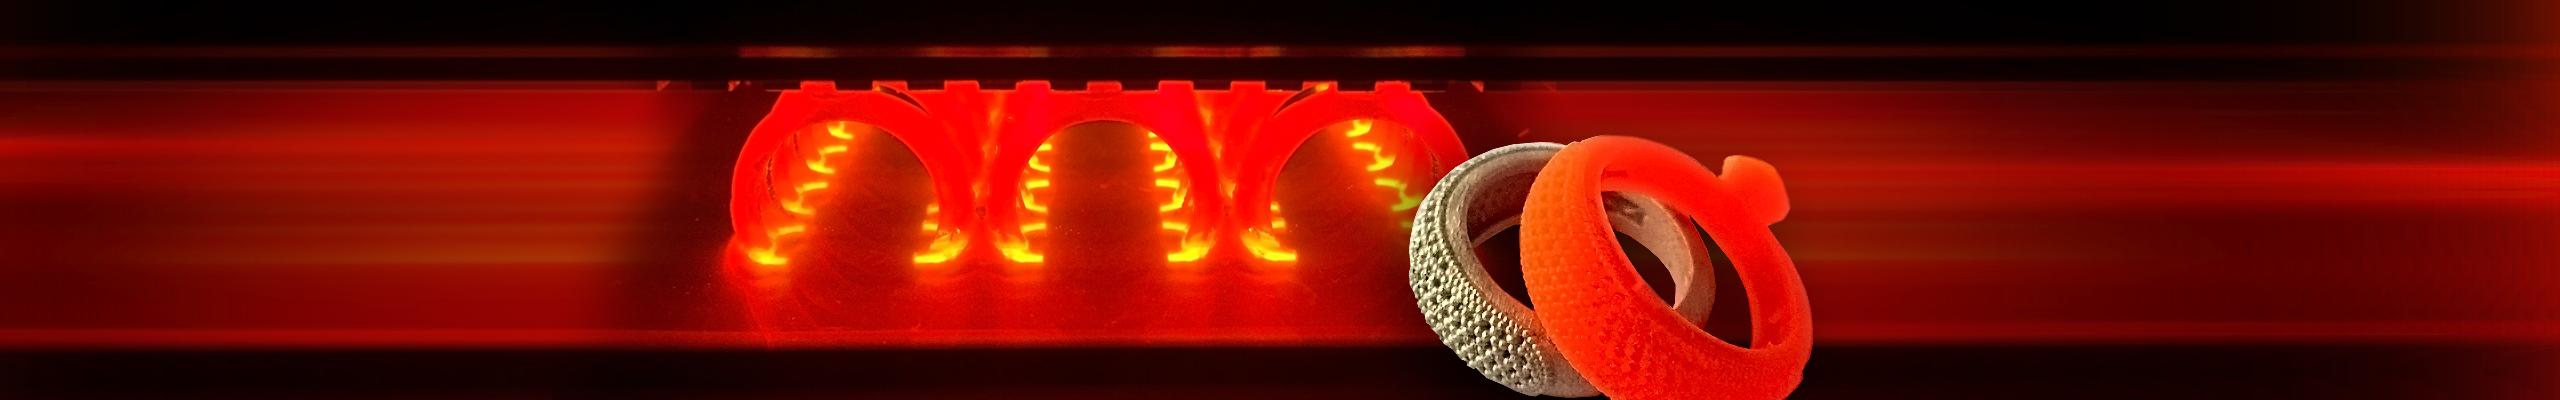 3D печать в ювелирном производстве